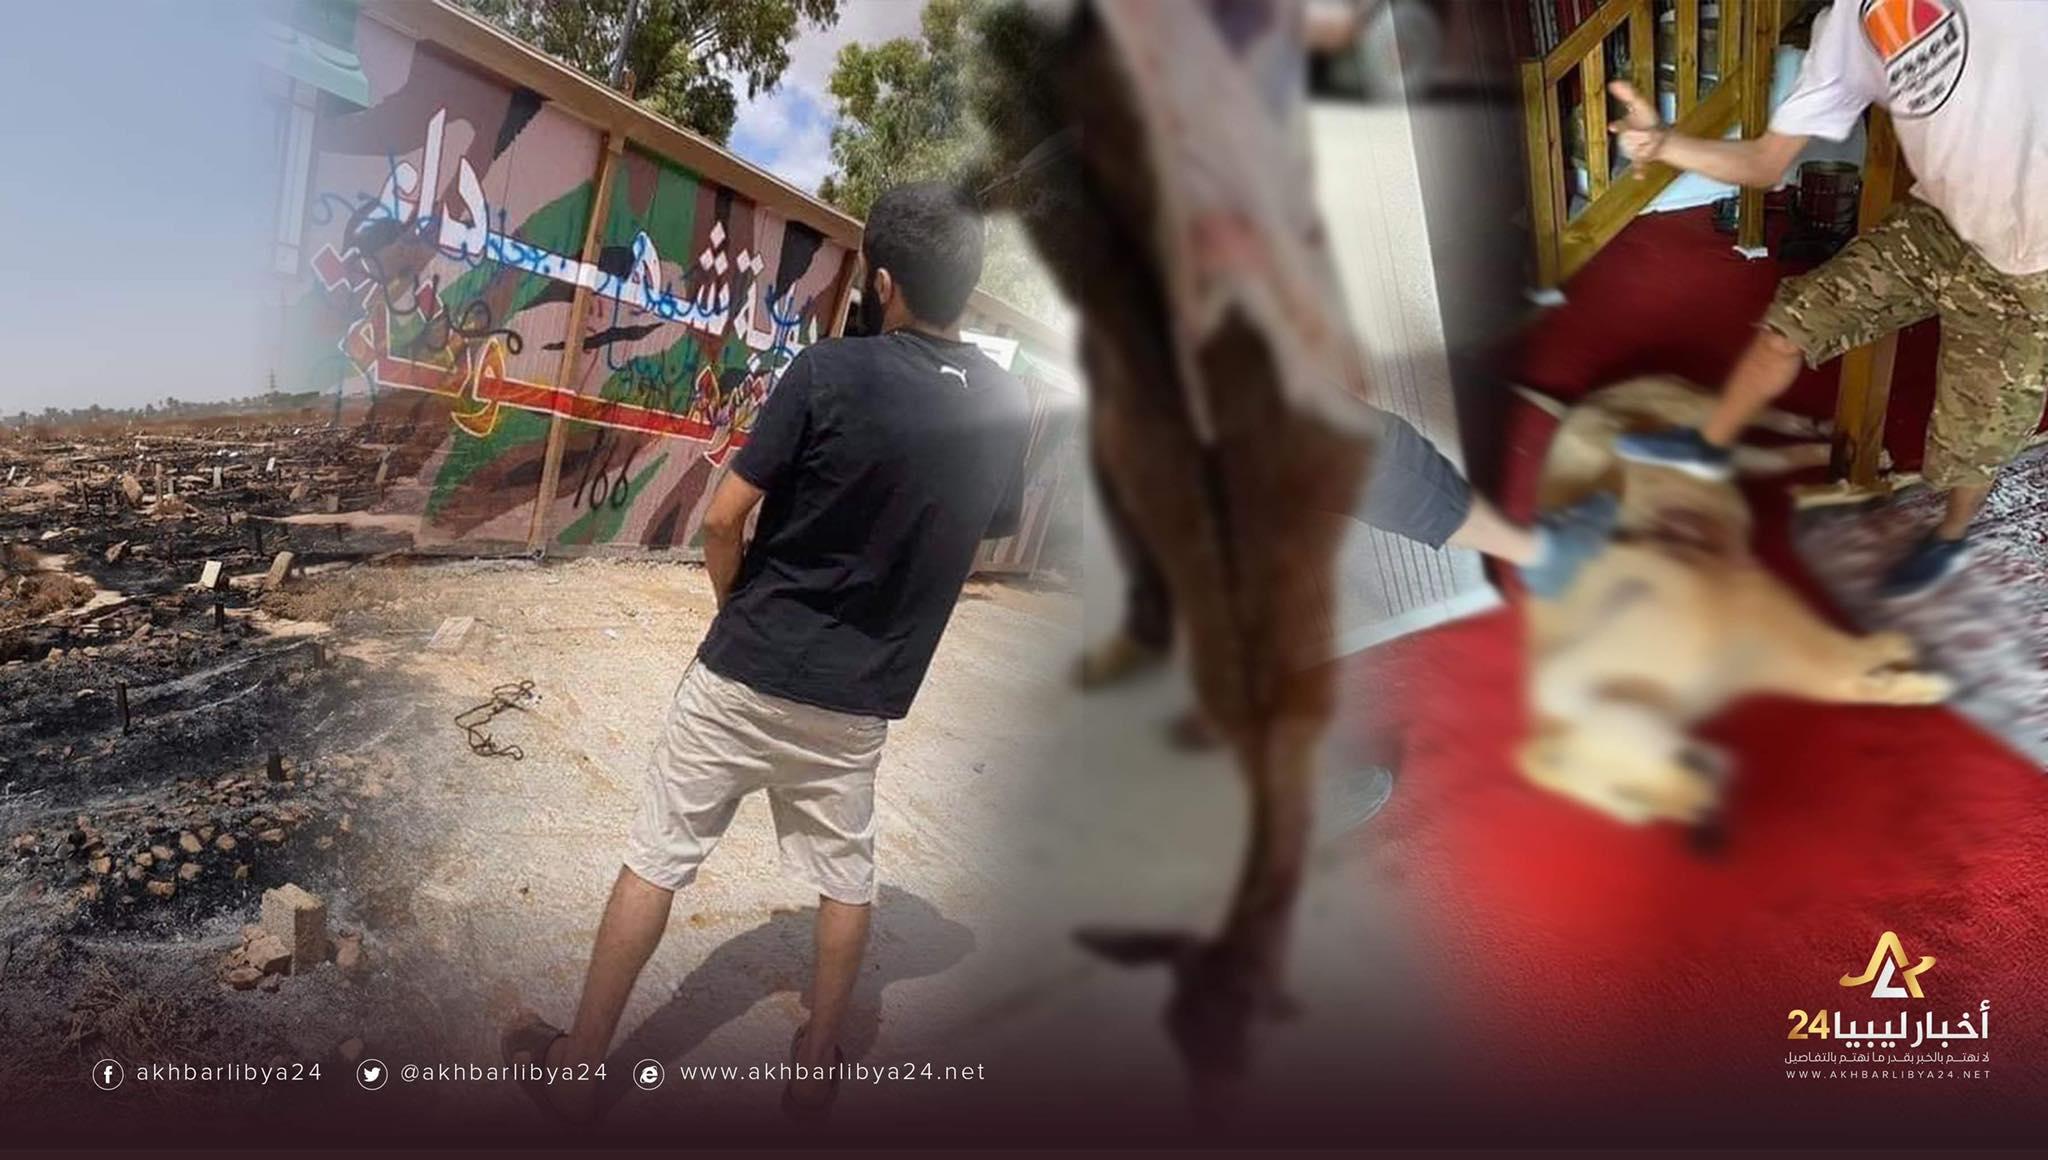 صورة شخصيات ليبية توقع على بيان مناشدة للأمم المتحدة بشأن الانتهاكات الإنسانية التي تمارسها عناصر حكومة الوفاق